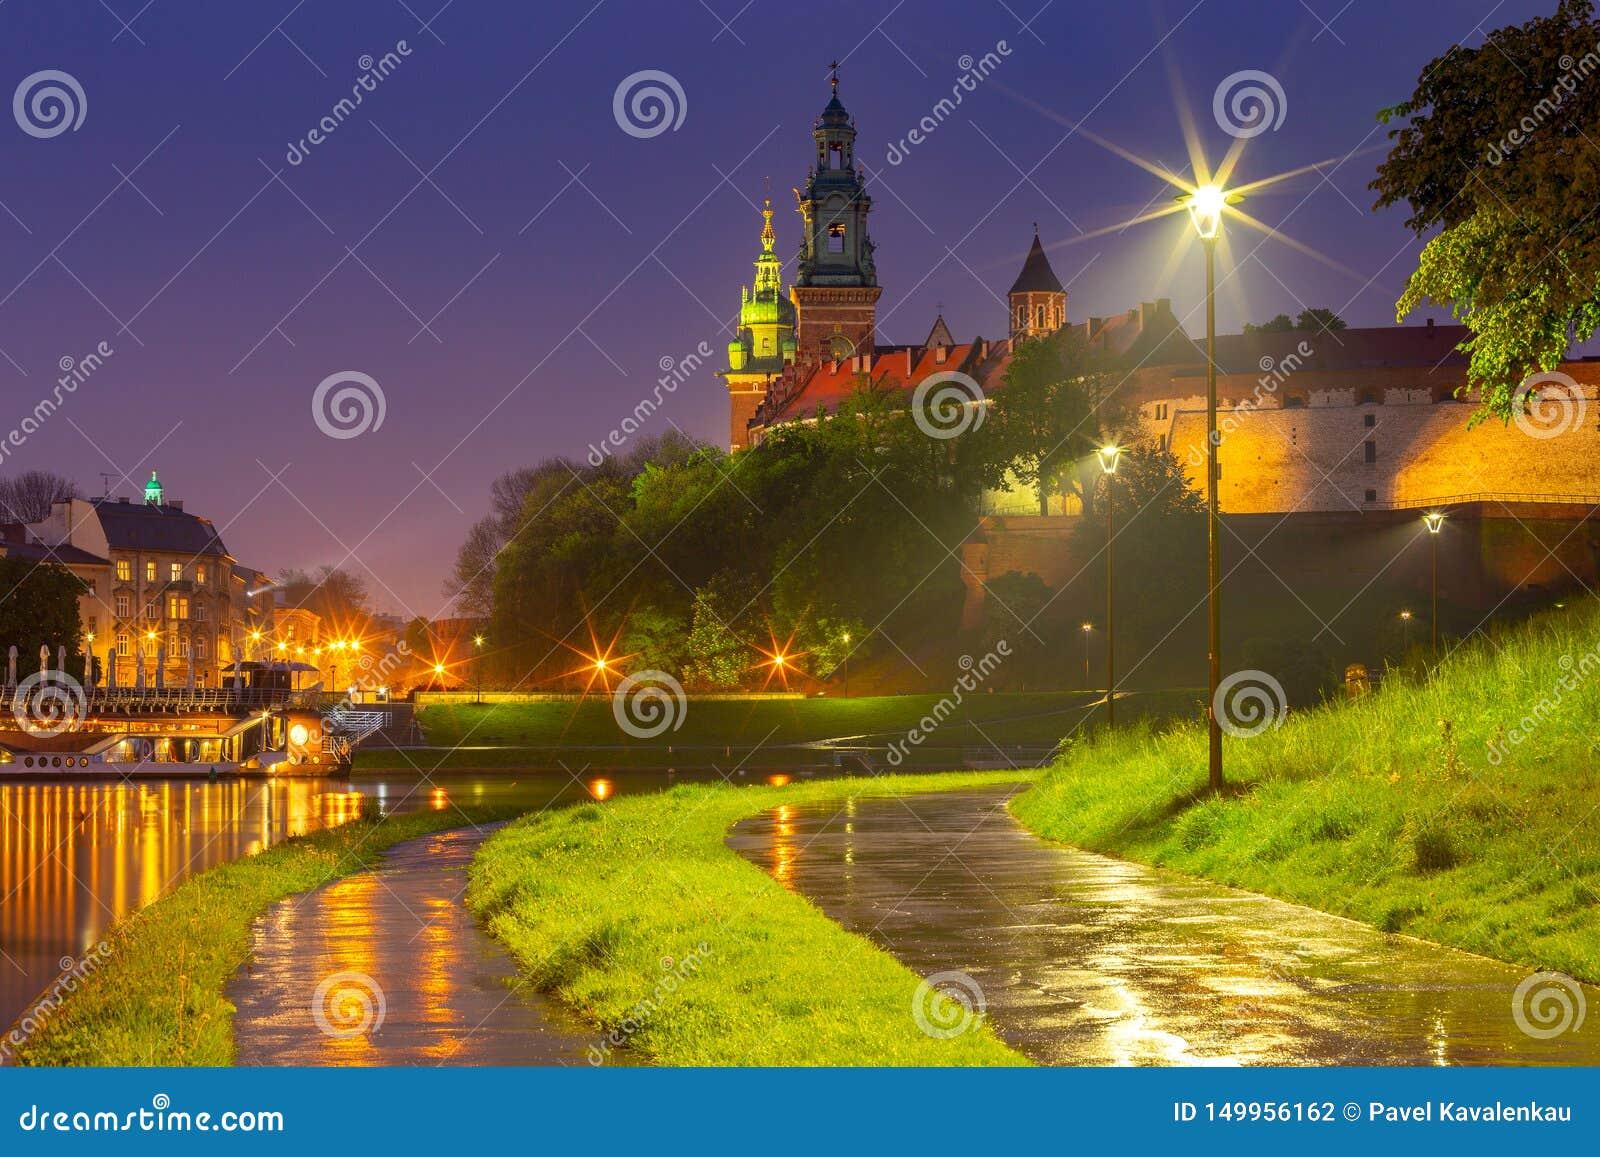 Krakow Fasaden av den berömda Wawel slotten i nattbelysning